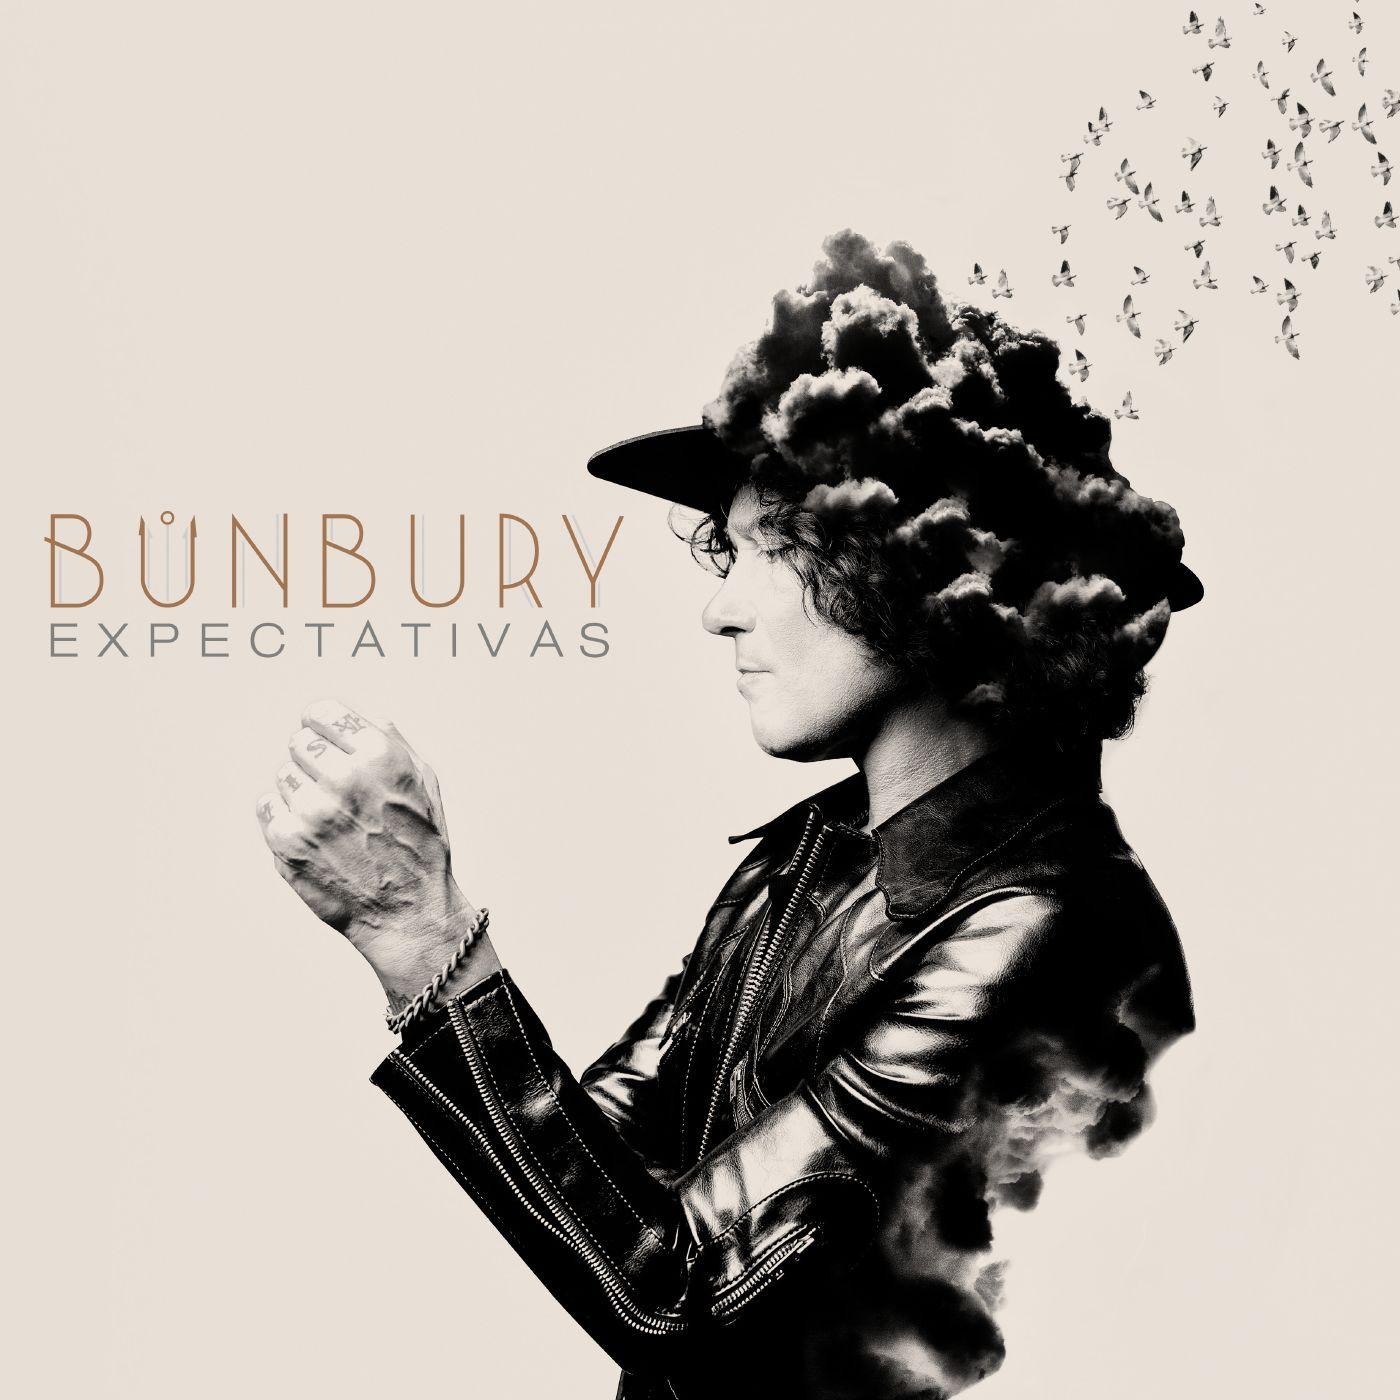 Bunbury - Expectativas album cover